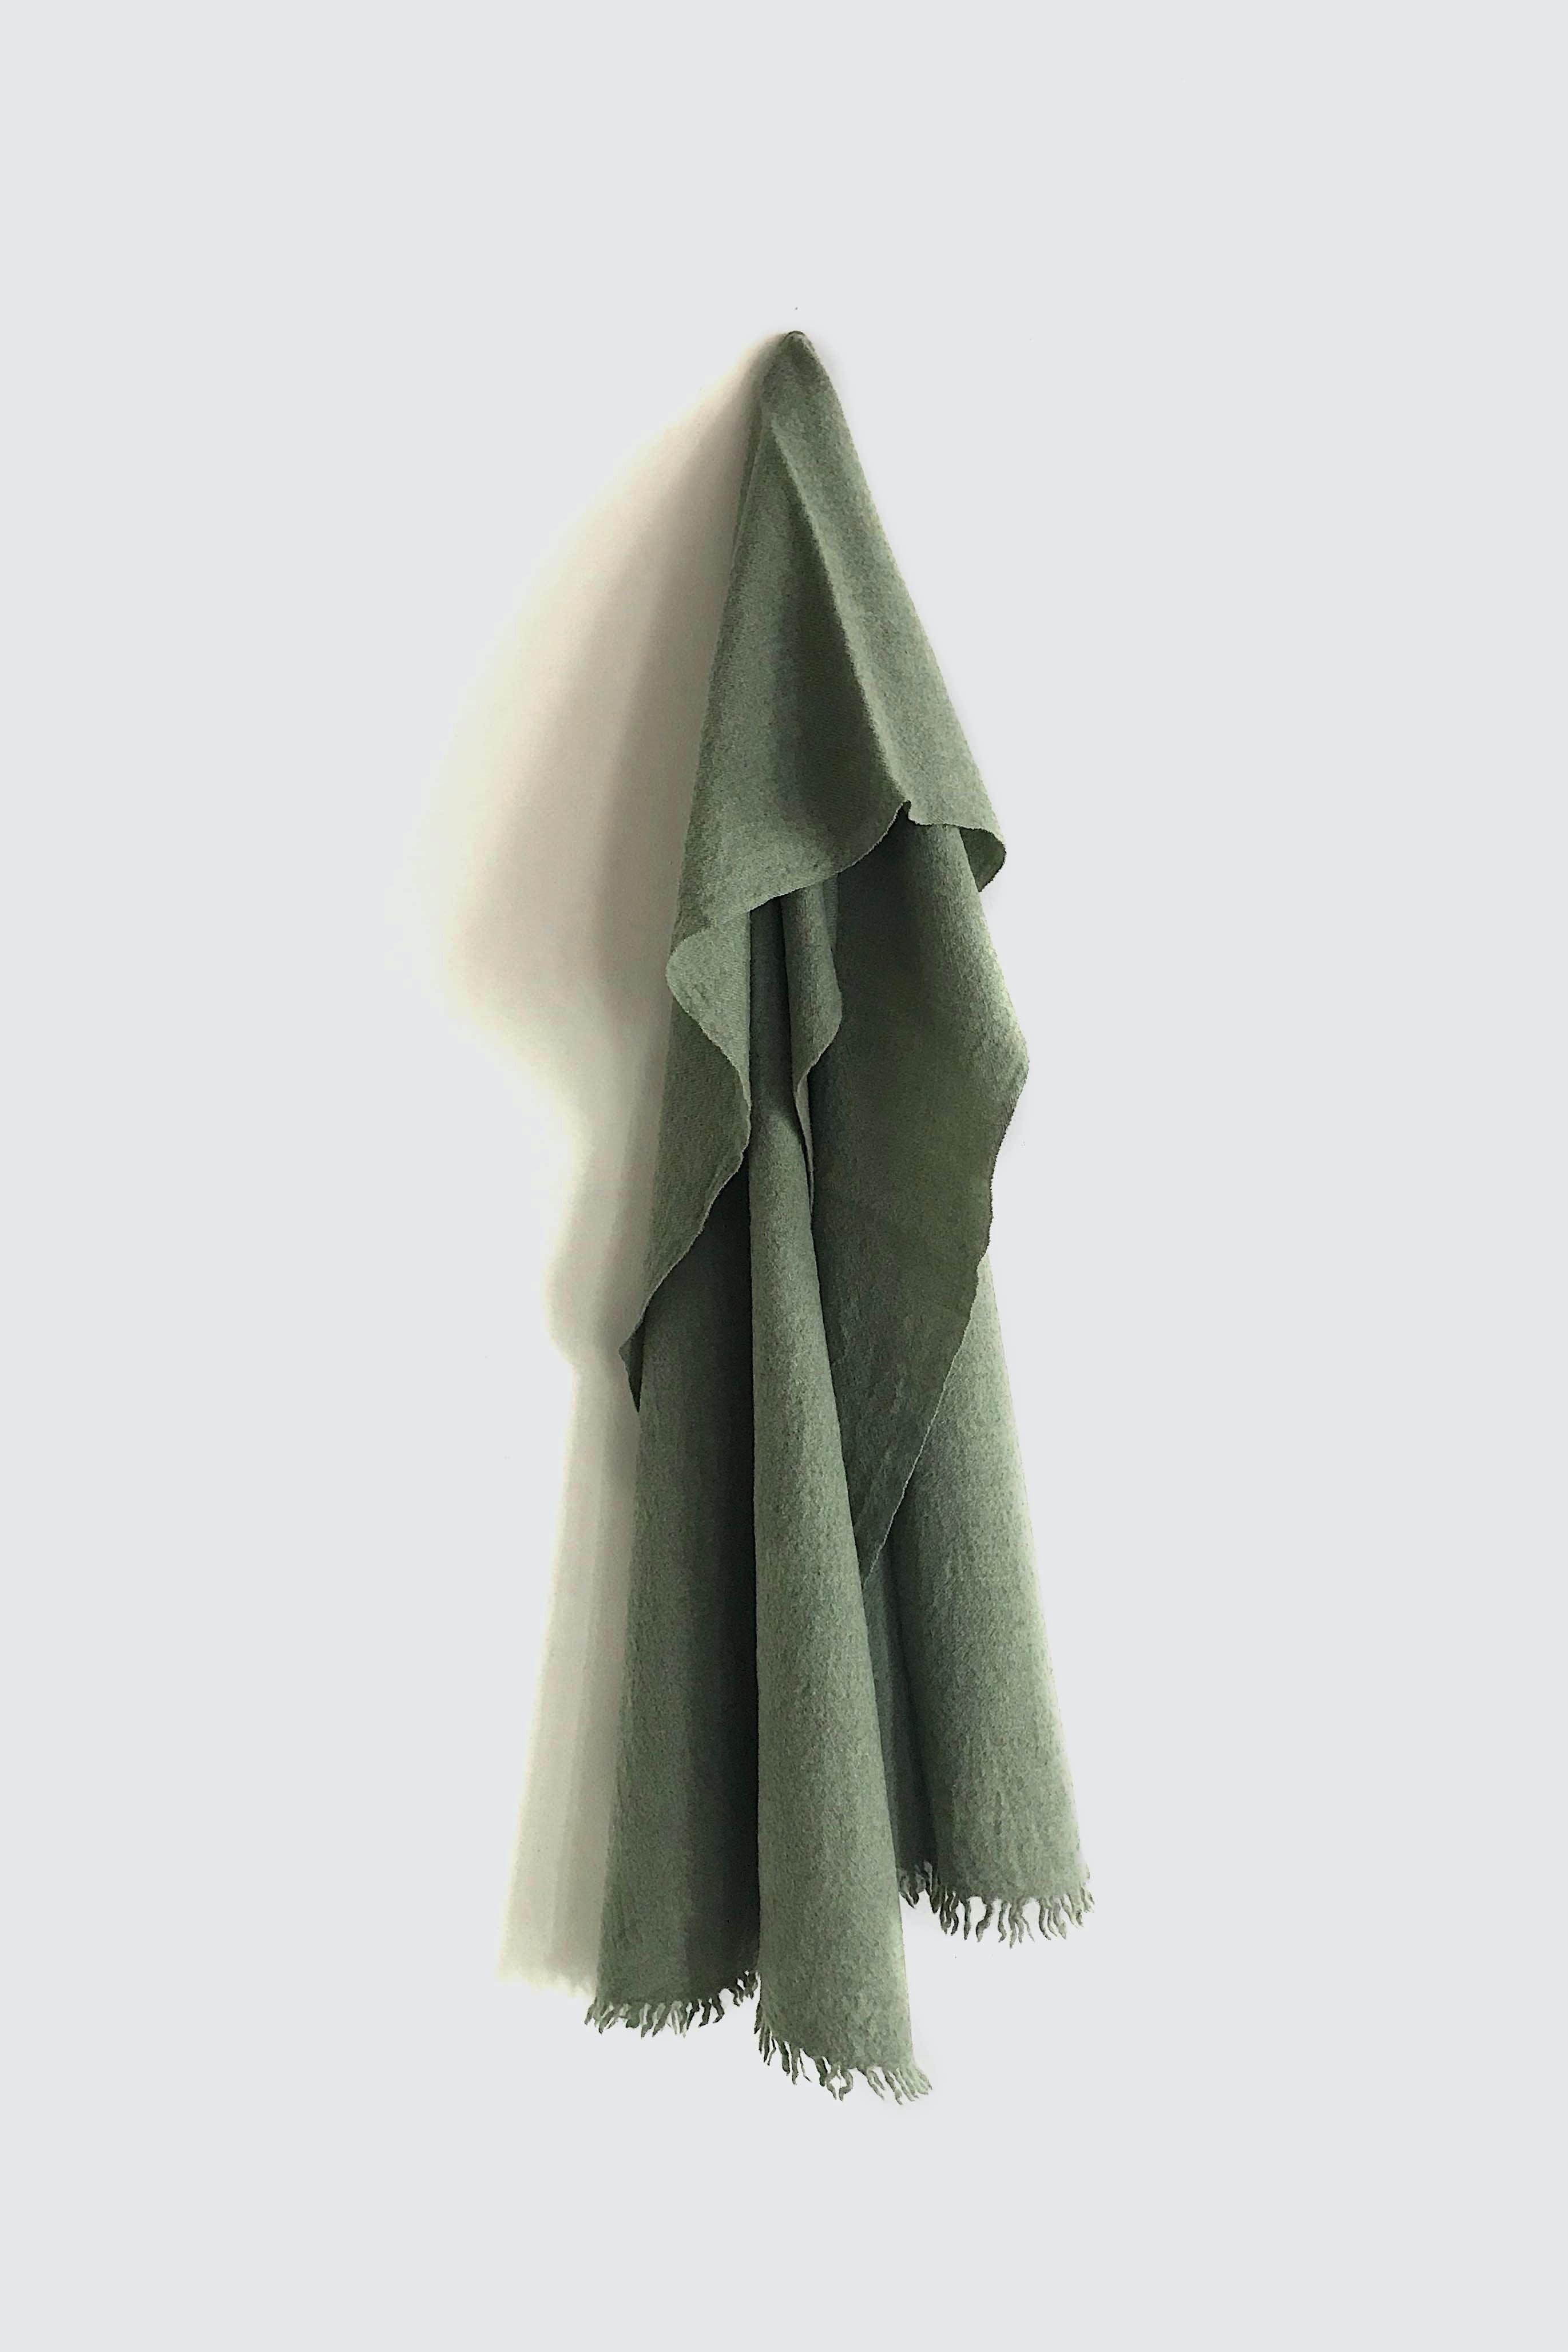 01474-3 muji muffler / green